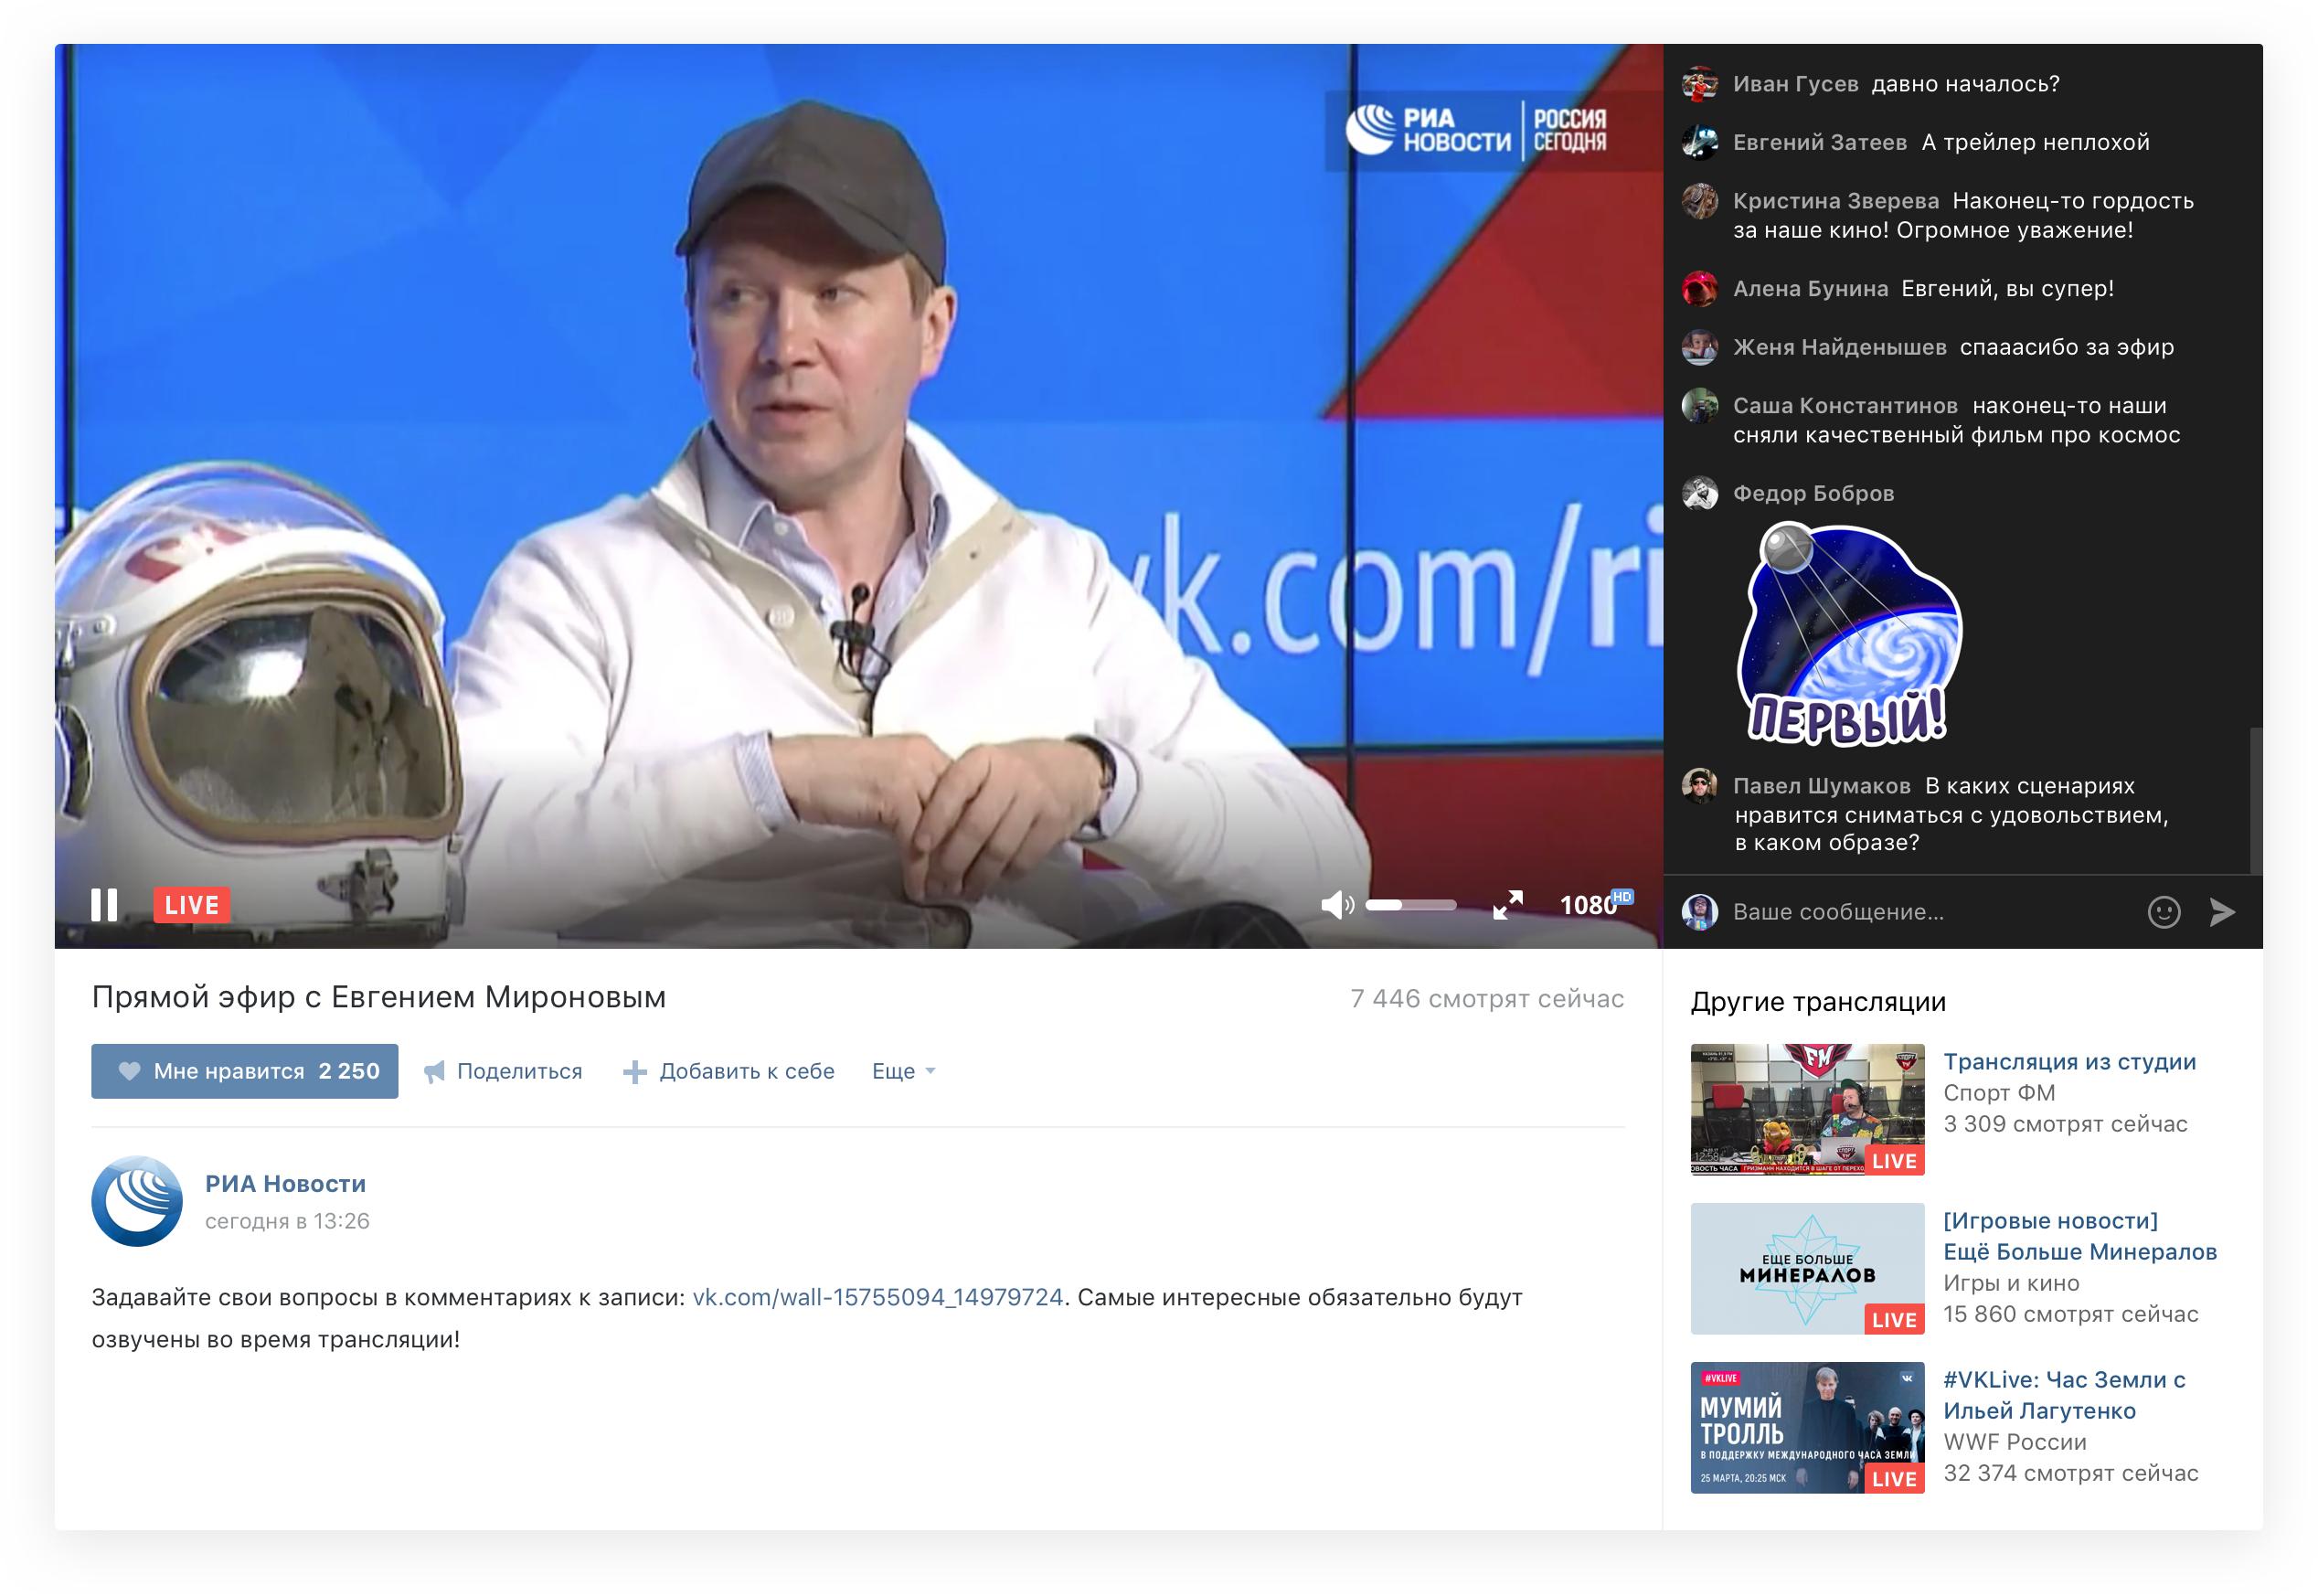 «ВКонтакте» запустила функцию прямых трансляций для всех пользователей исообществ